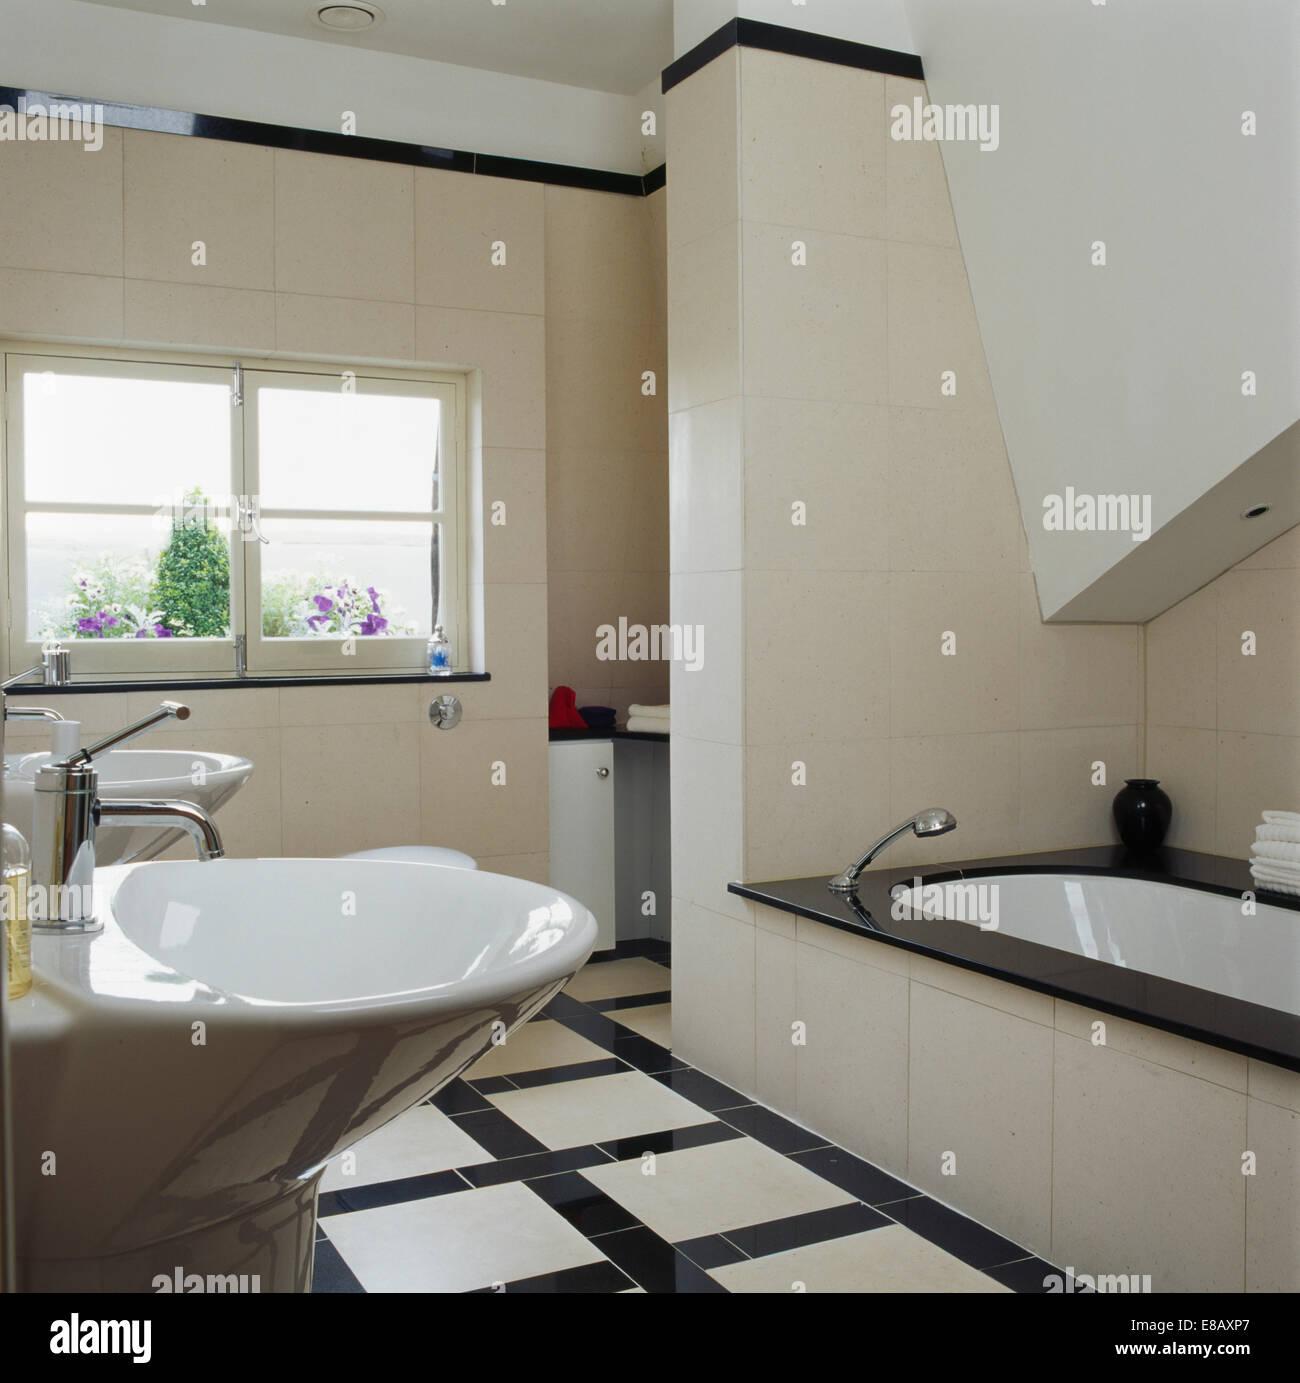 Schwarz + Weiß Gefliesten Boden In Modern Gefliestes Badezimmer Mit  Schwarzem Rand Auf Bad Gefliest